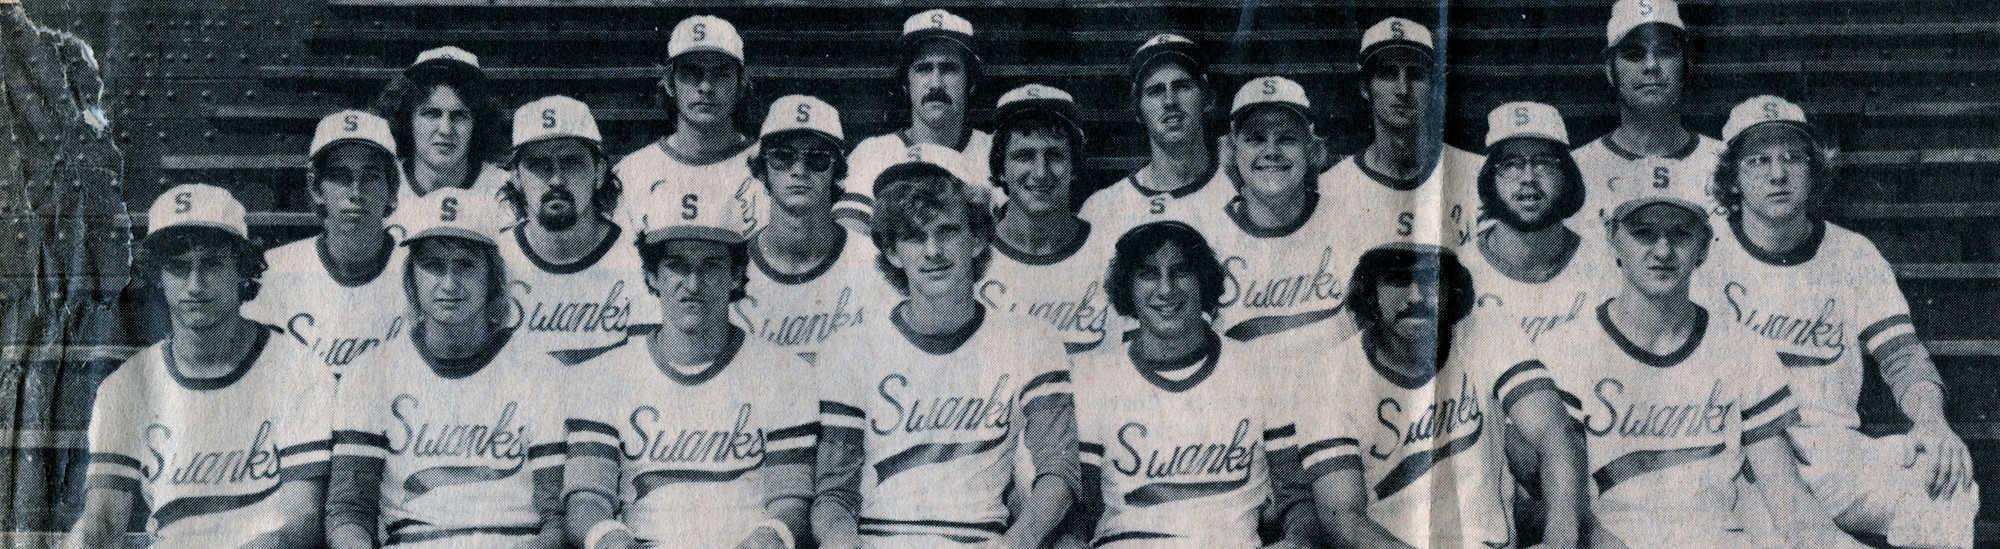 Swank's Hardward 1974 JJL AAABA